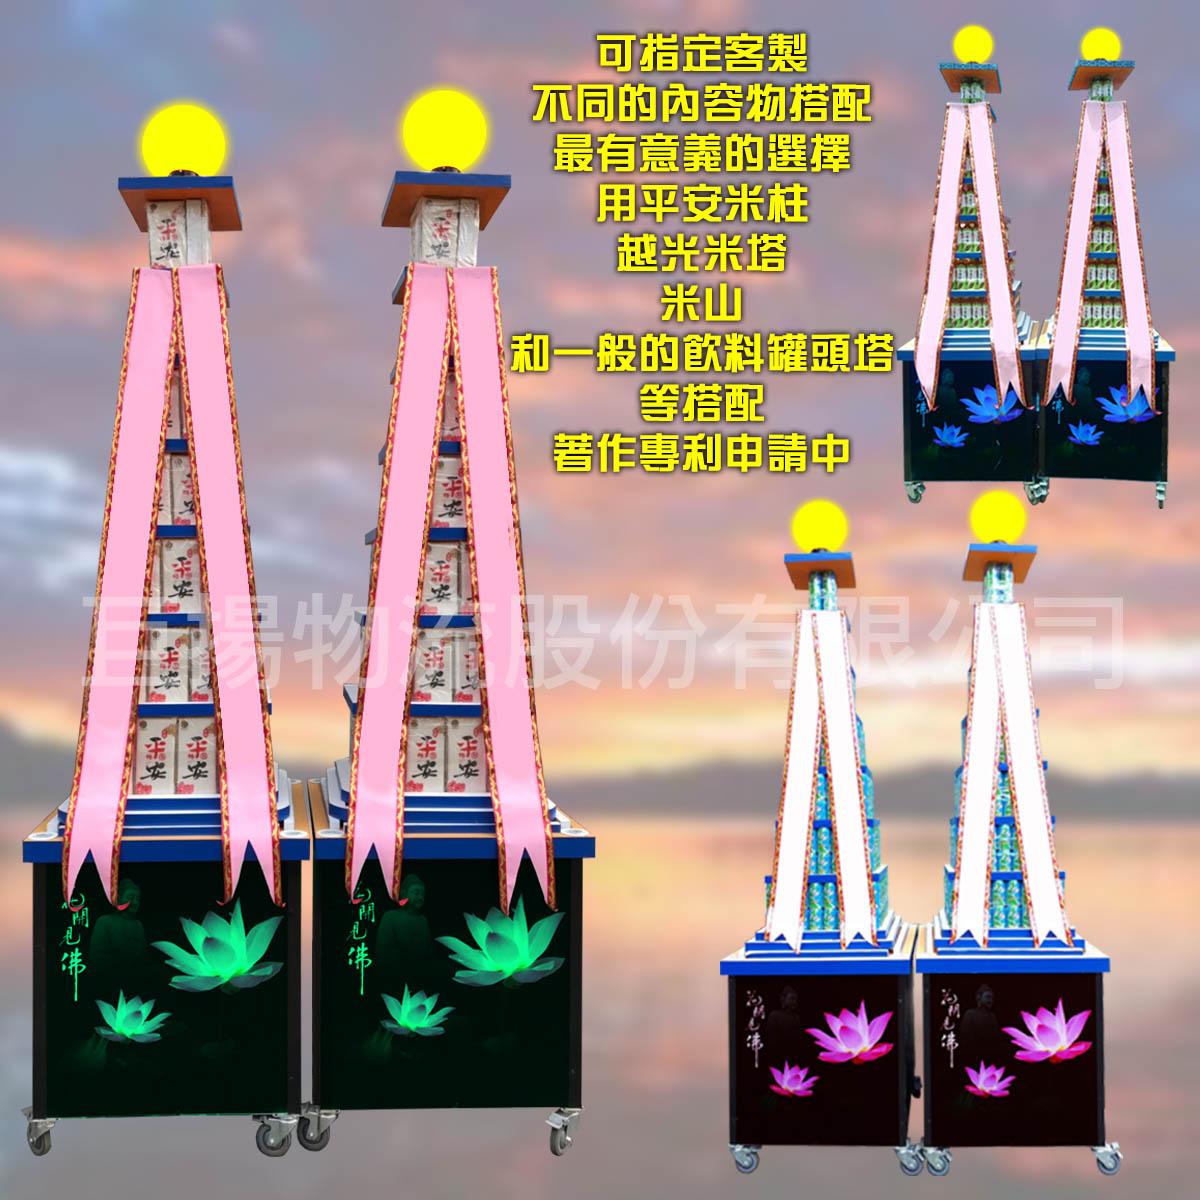 五層一般飲料燈光罐頭塔蓮花led燈光柱3